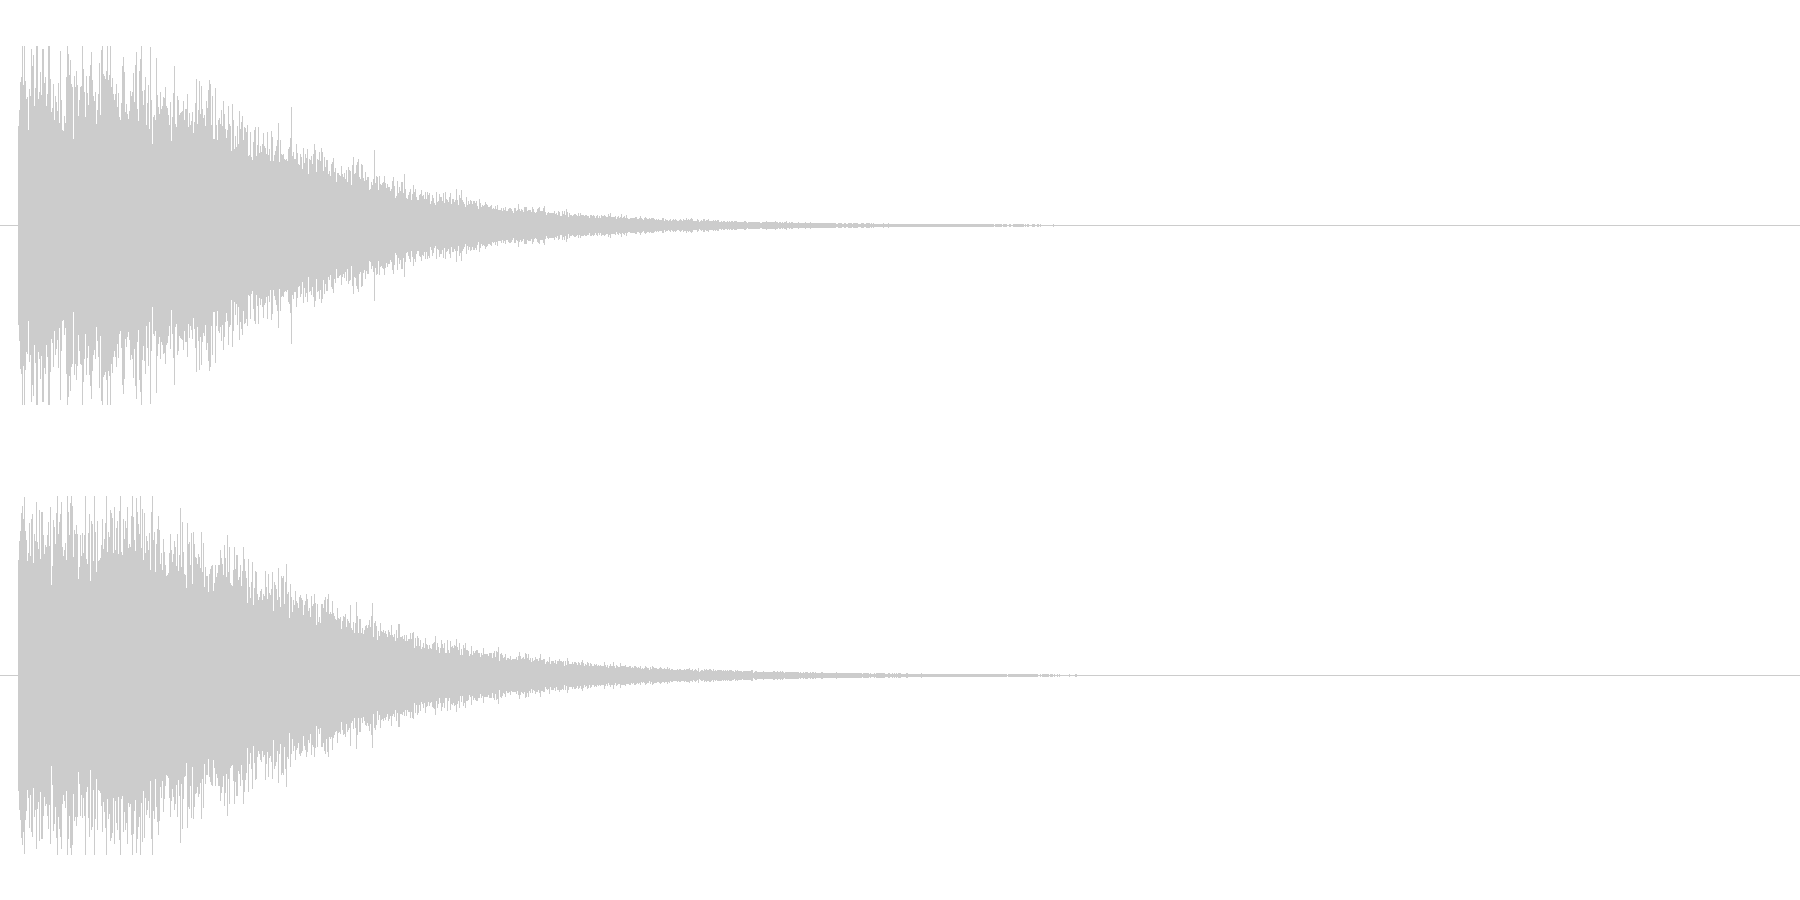 レーザー音-148-2の未再生の波形